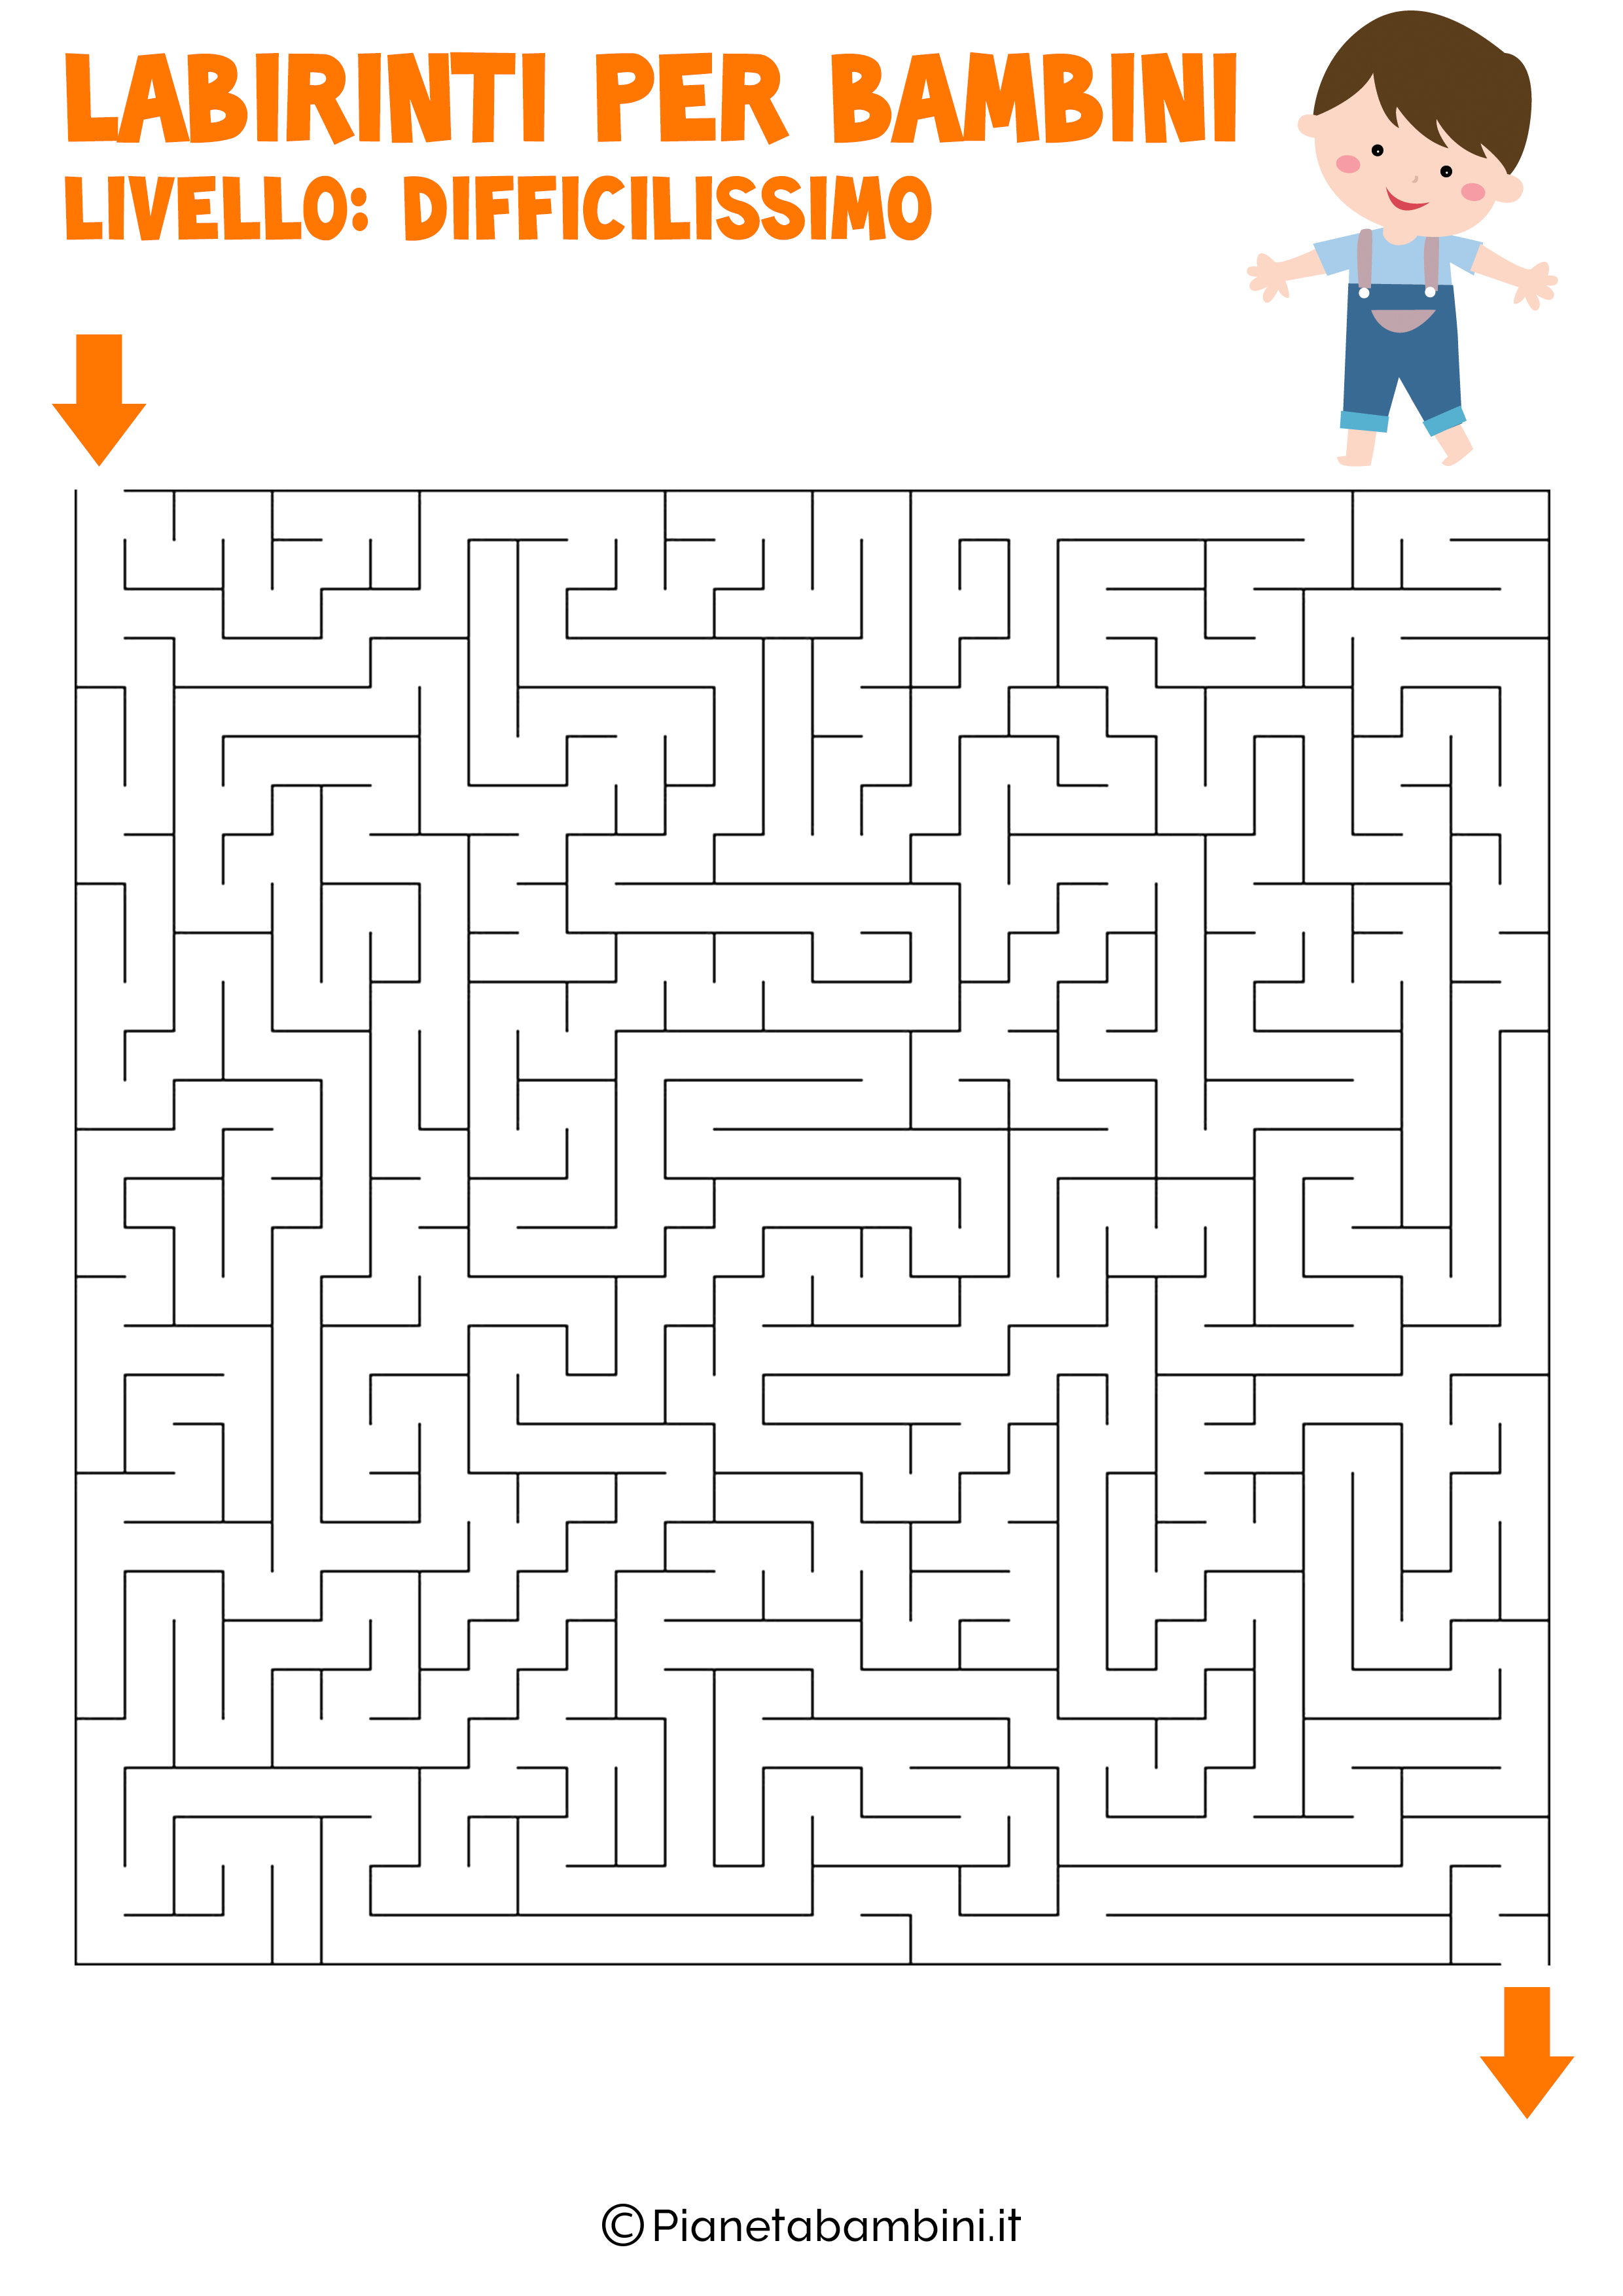 Labirinto difficilissimo per bambini numero 14